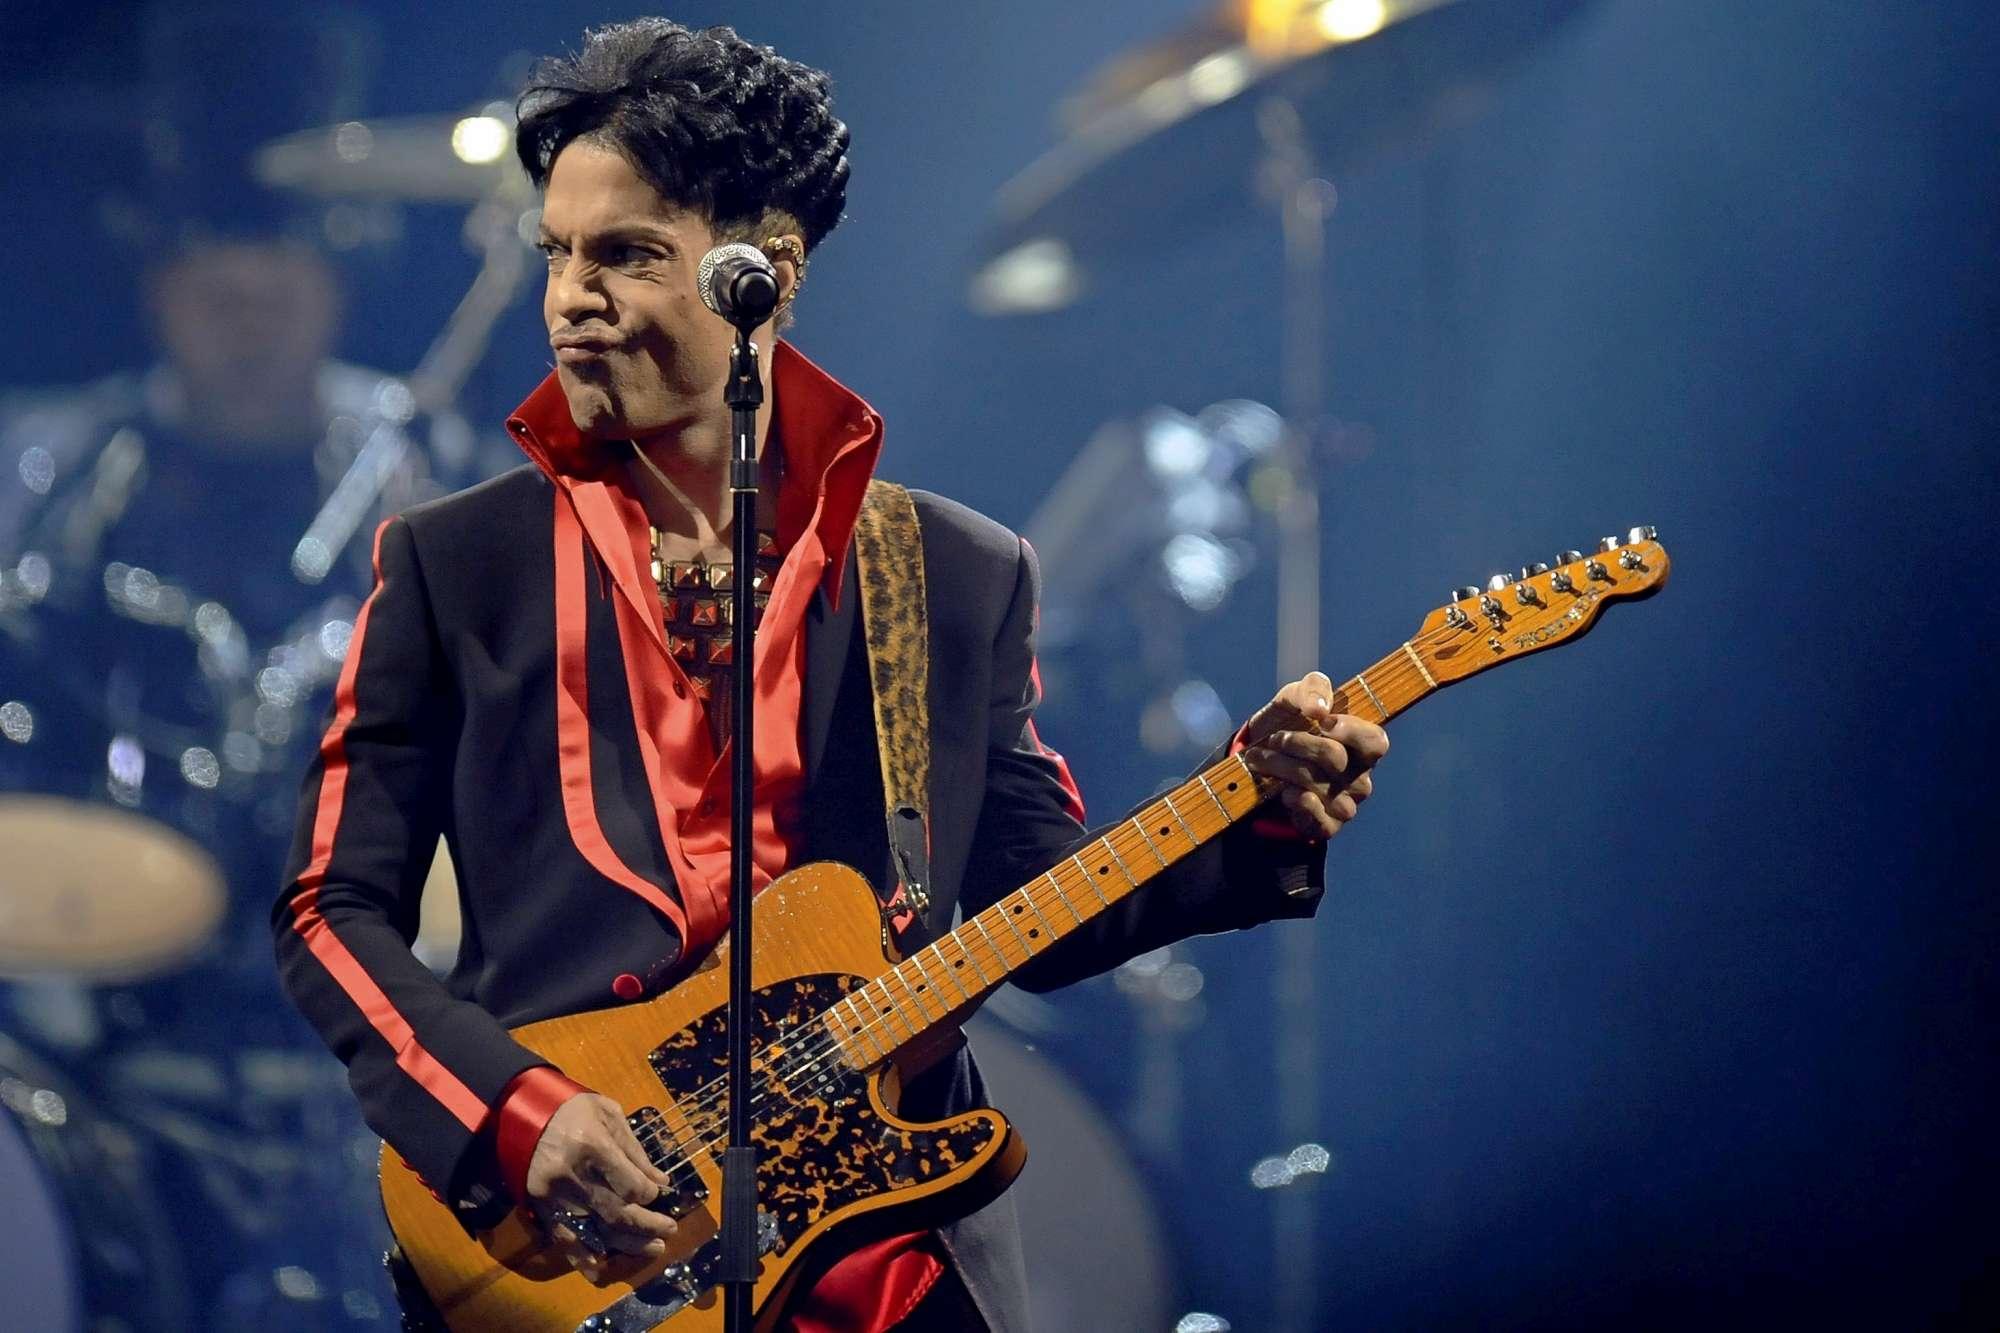 MUSICA - Trovato morto Prince